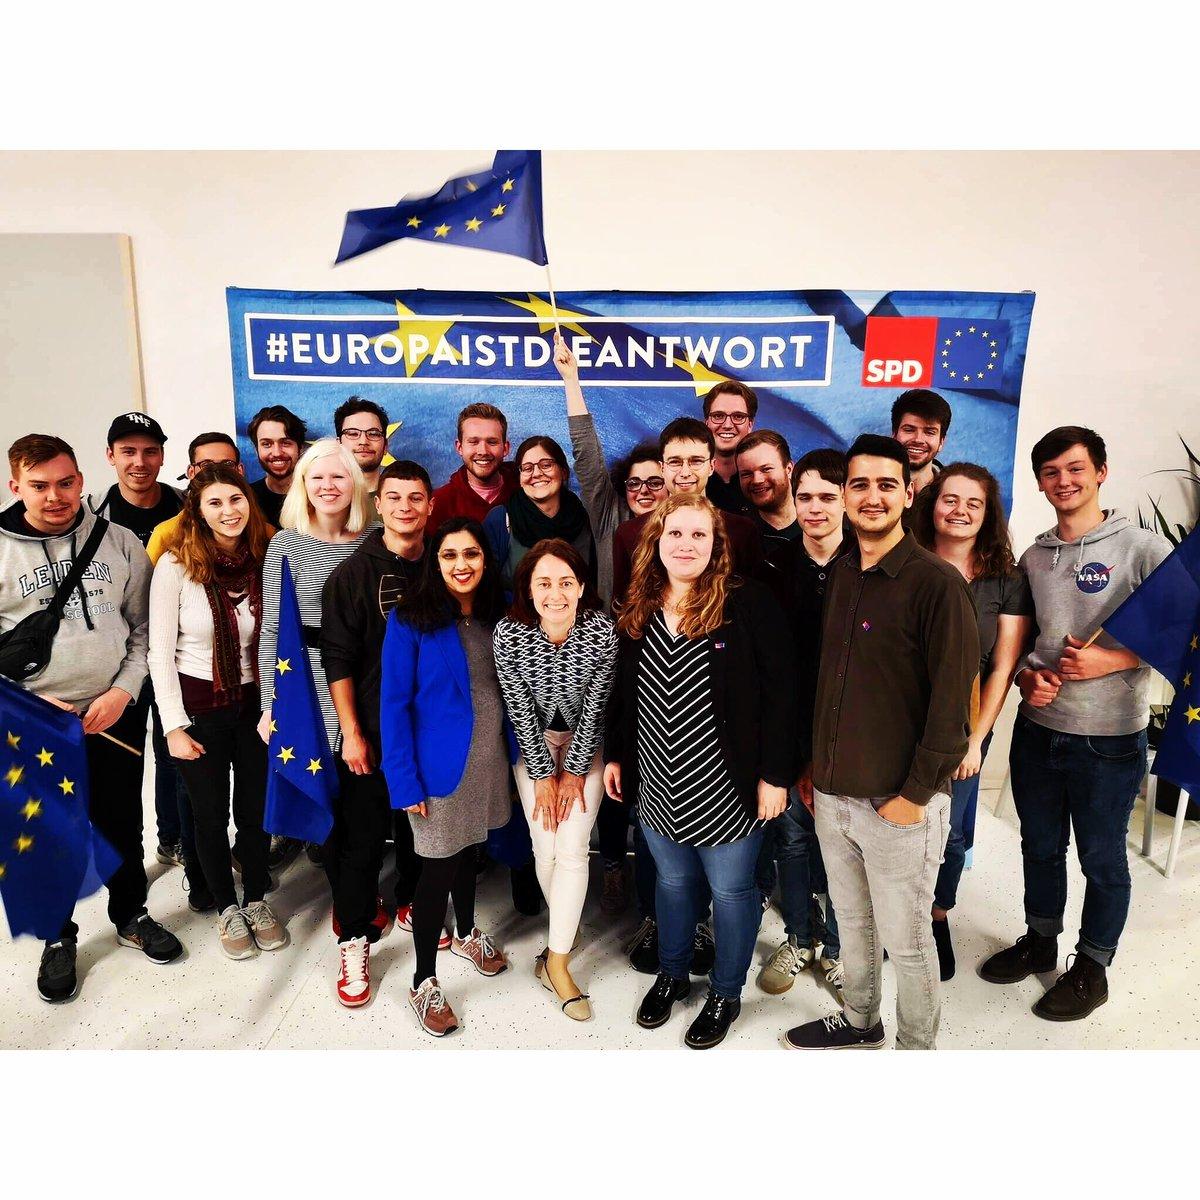 Die Jugend, die Europa verändern wird!  💪🏽 https://t.co/eo8tKwz1O7